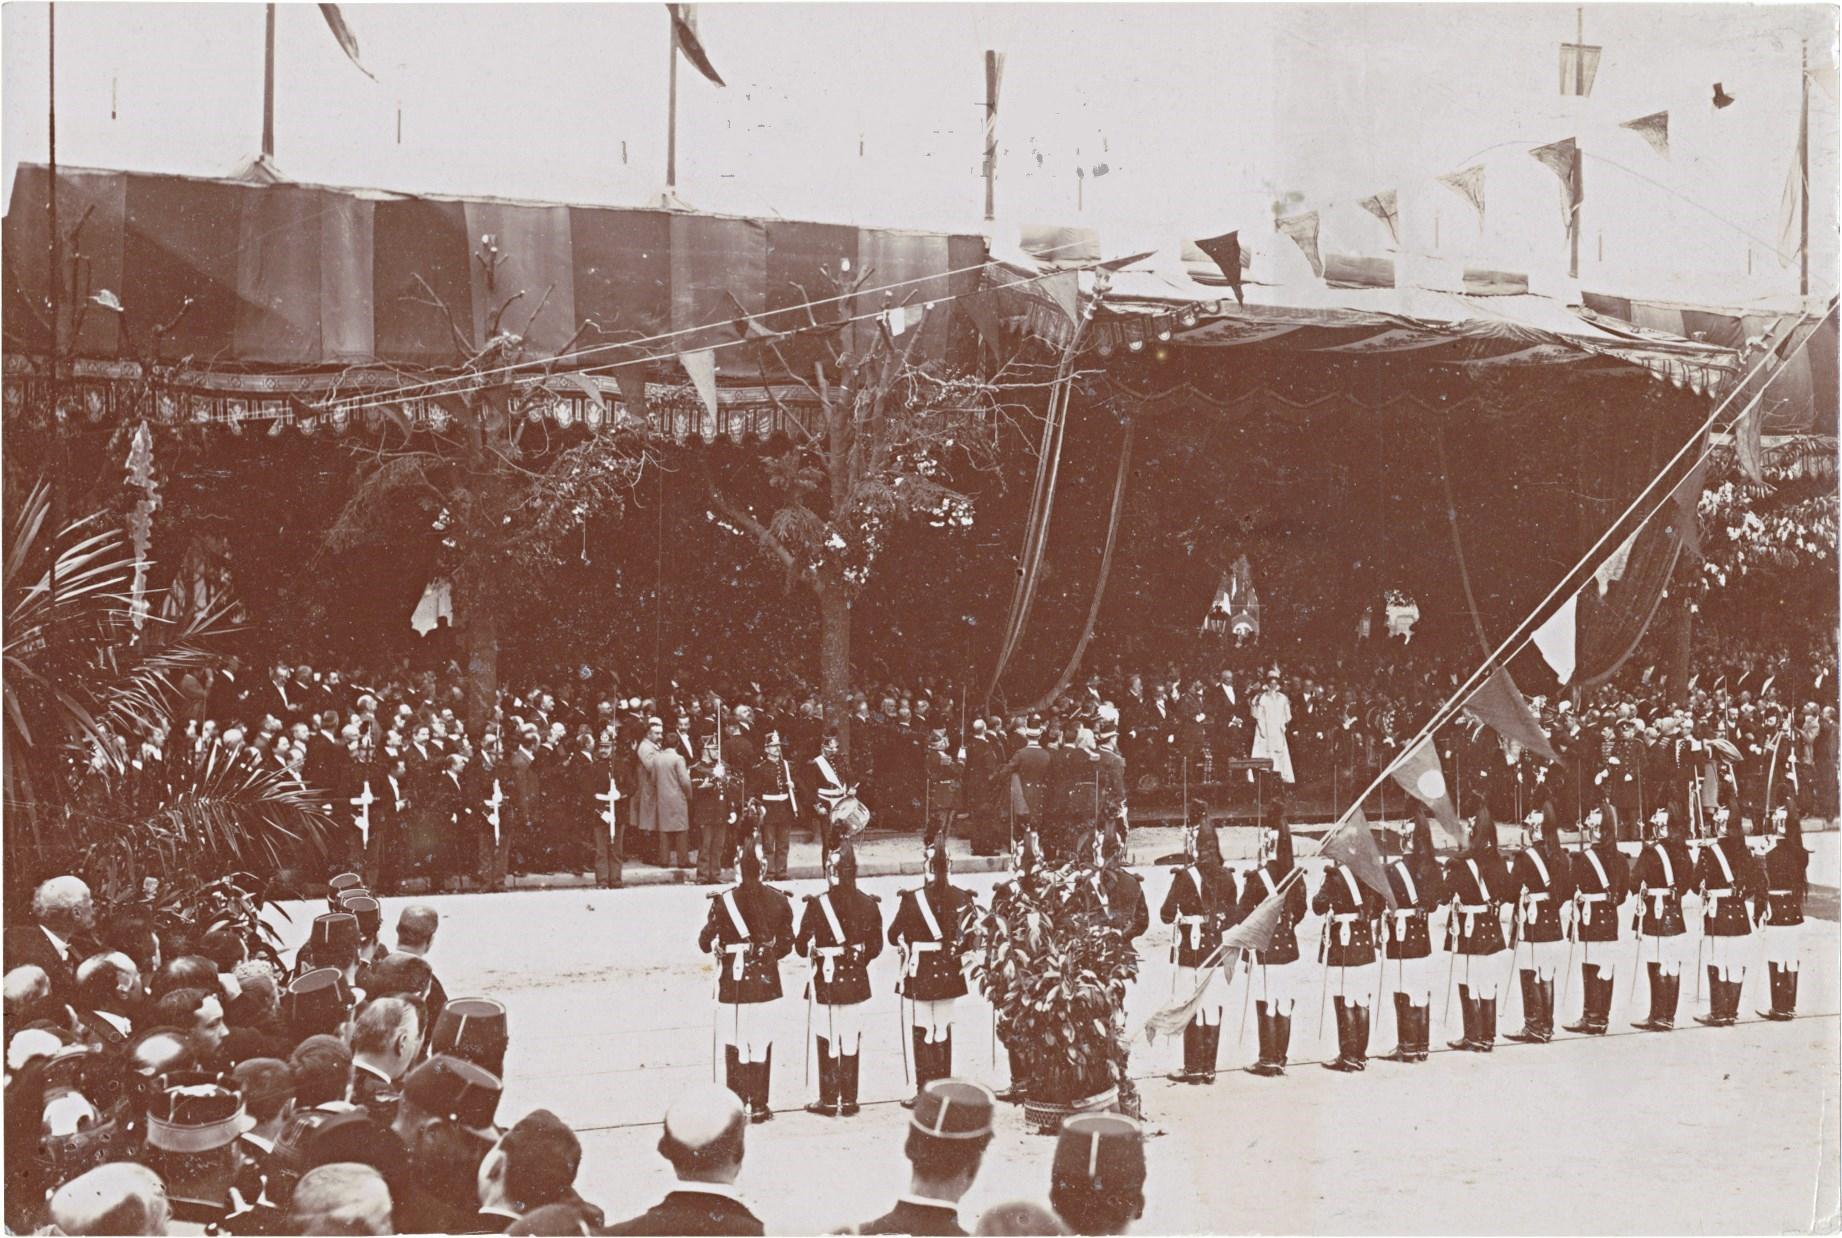 28. Республиканская гвардия перед шатром, устроенным для встречи императора Николая II, императрицы Александры Федоровны и президента Феликса Фора